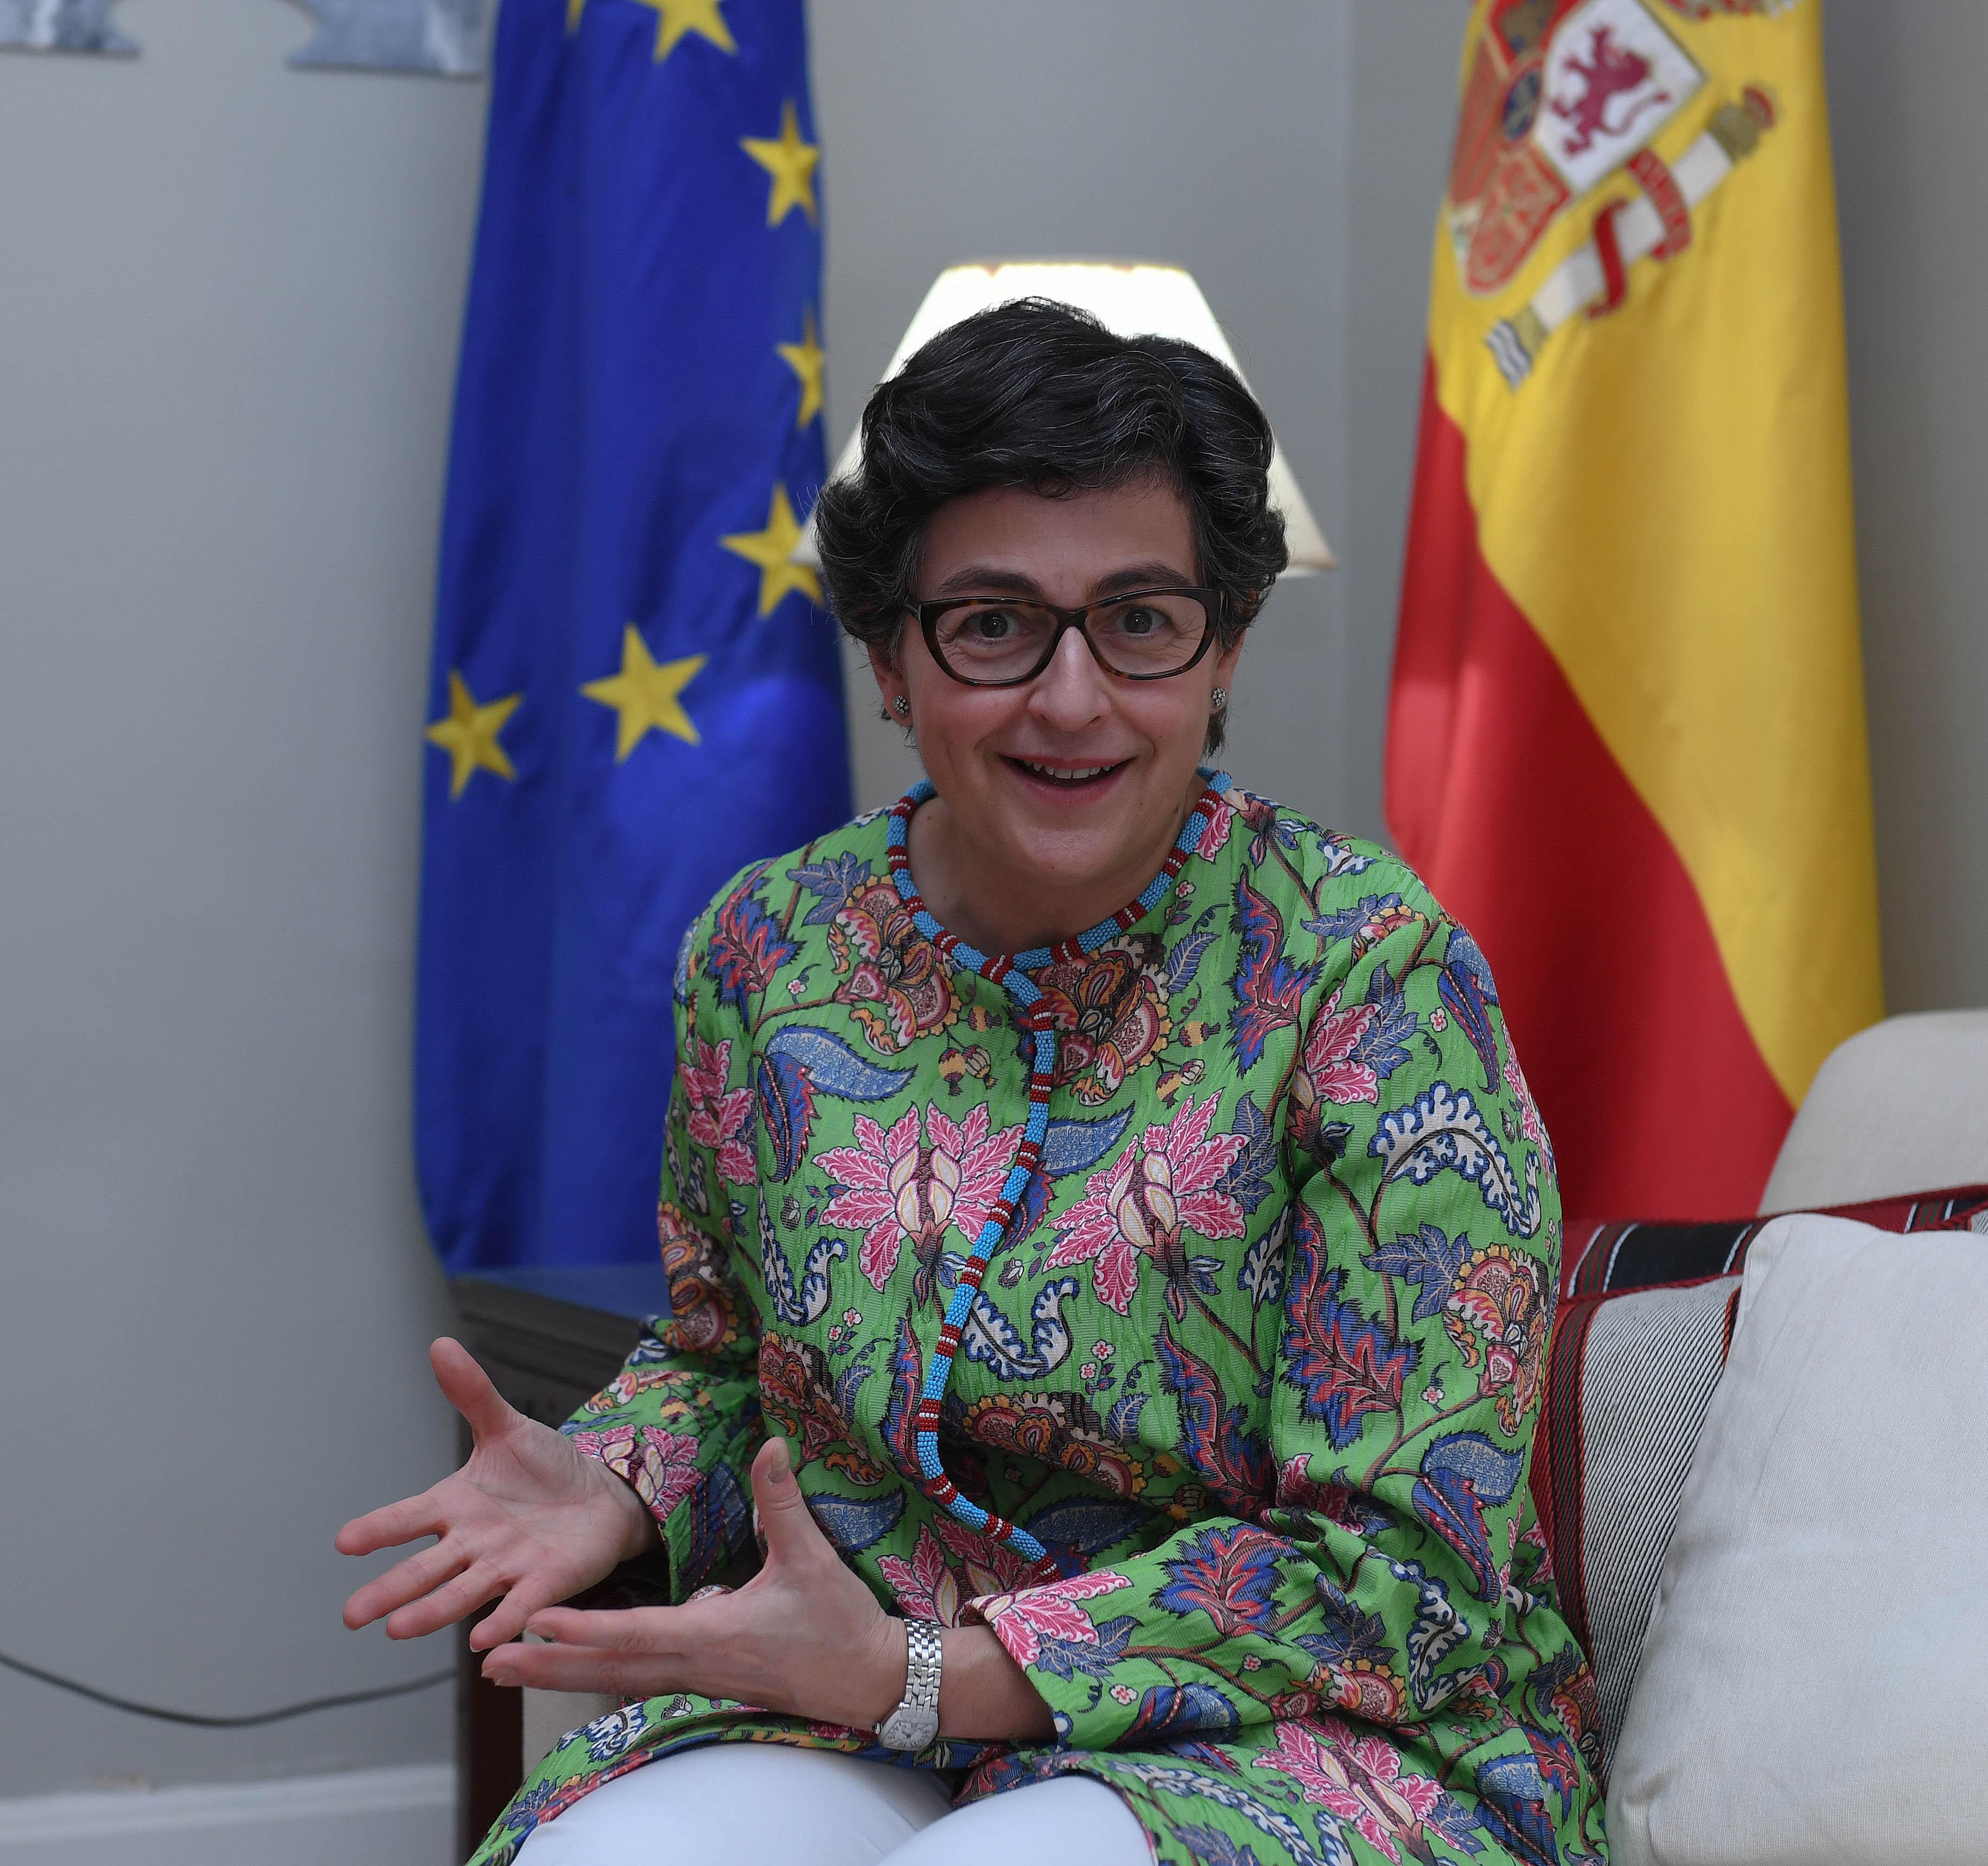 مع معالي وزيرة الشؤون الخارجيه والاتحاد الاوربي بمملكة أسبانيا ٧-٢-٢٠٢١-11.jpg